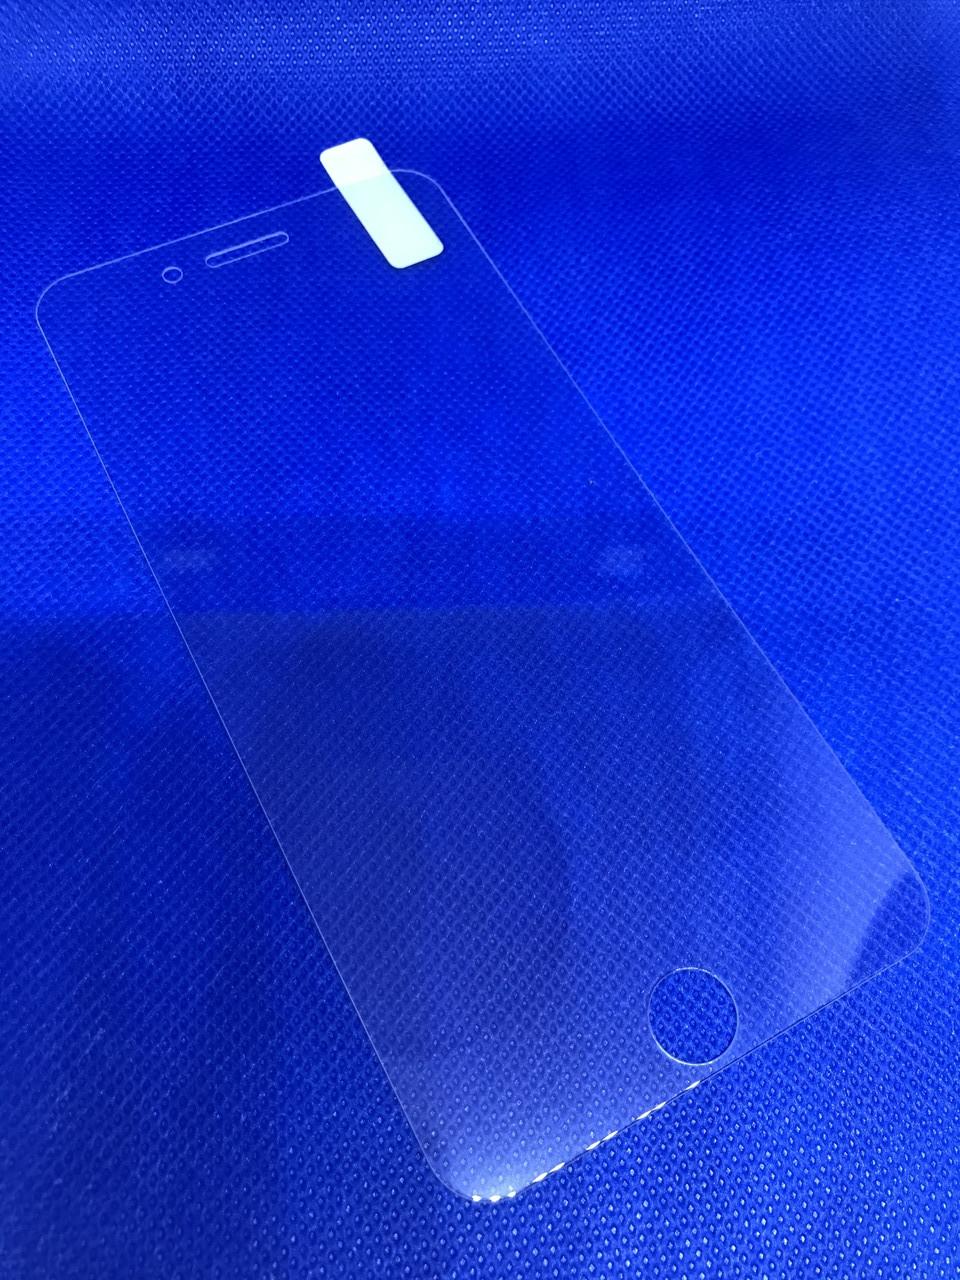 Защитное стекло Apple Iphone 8 Plus (8+) Full Glue 2,5D 3D неполное покрытие полный клей прозрачное